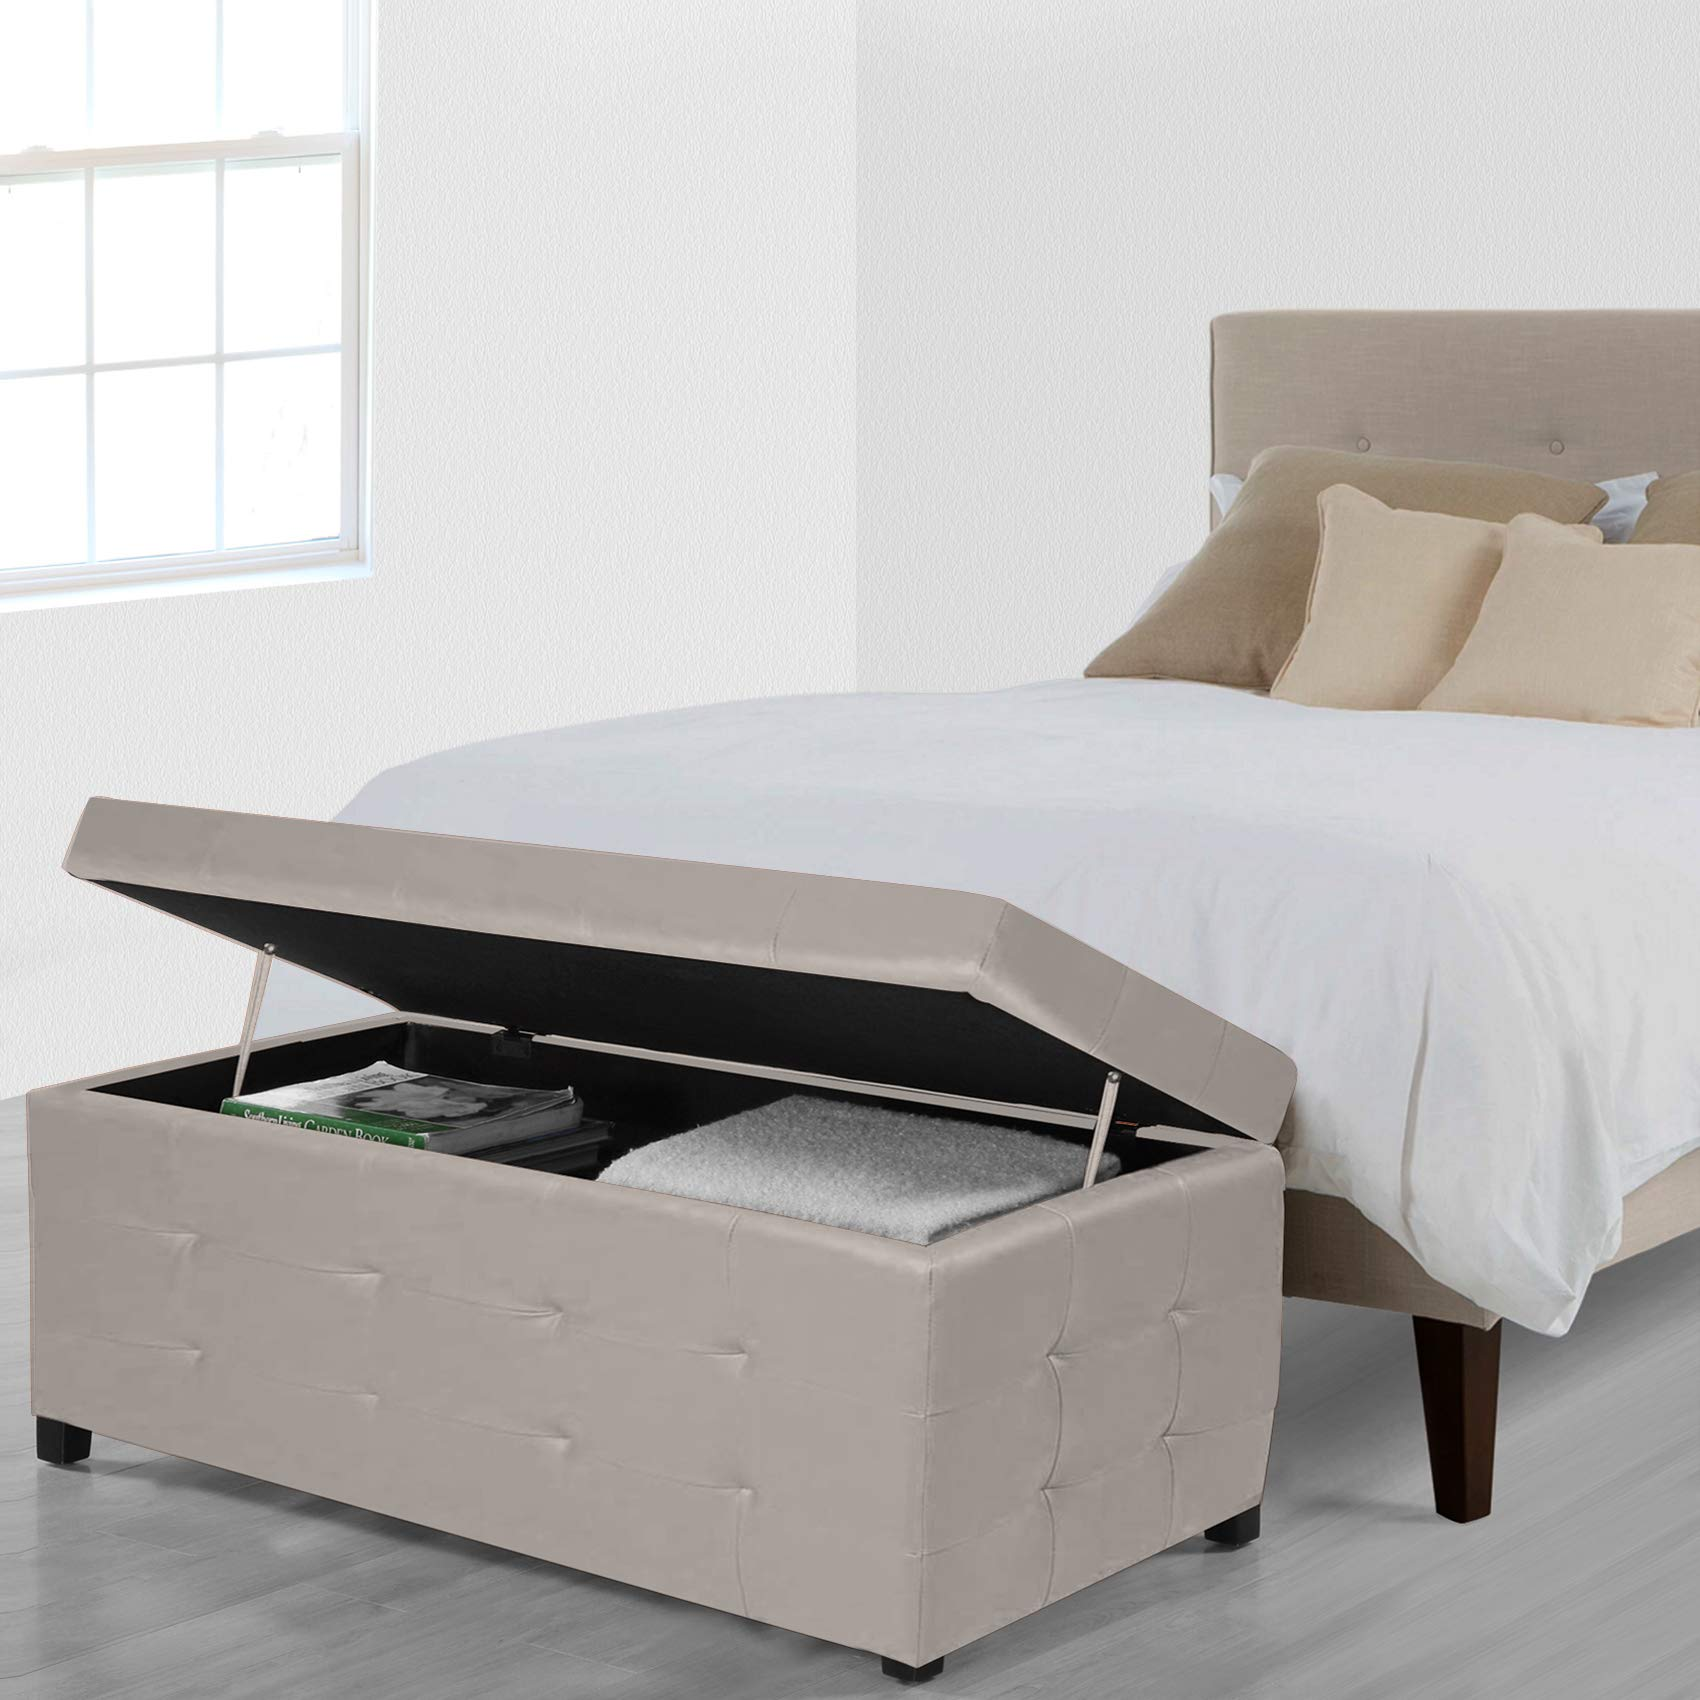 Cassapanca contenitore per la camera da letto.